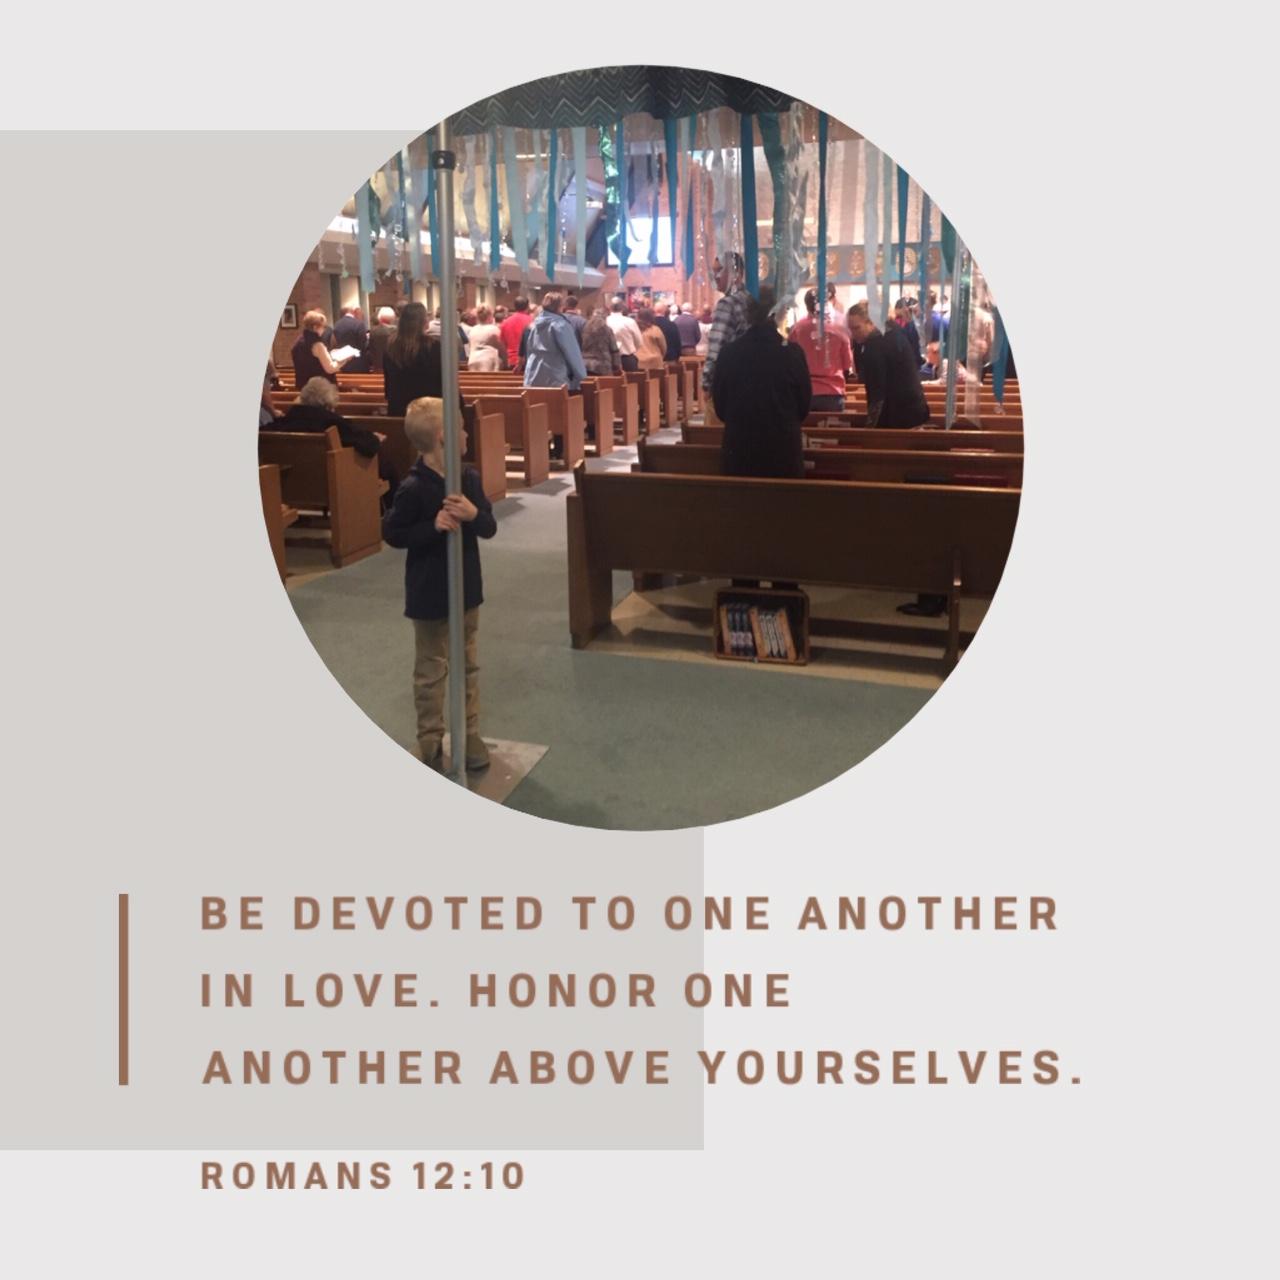 BibleLens_2019_01_13_17_31_56_3150.JPG